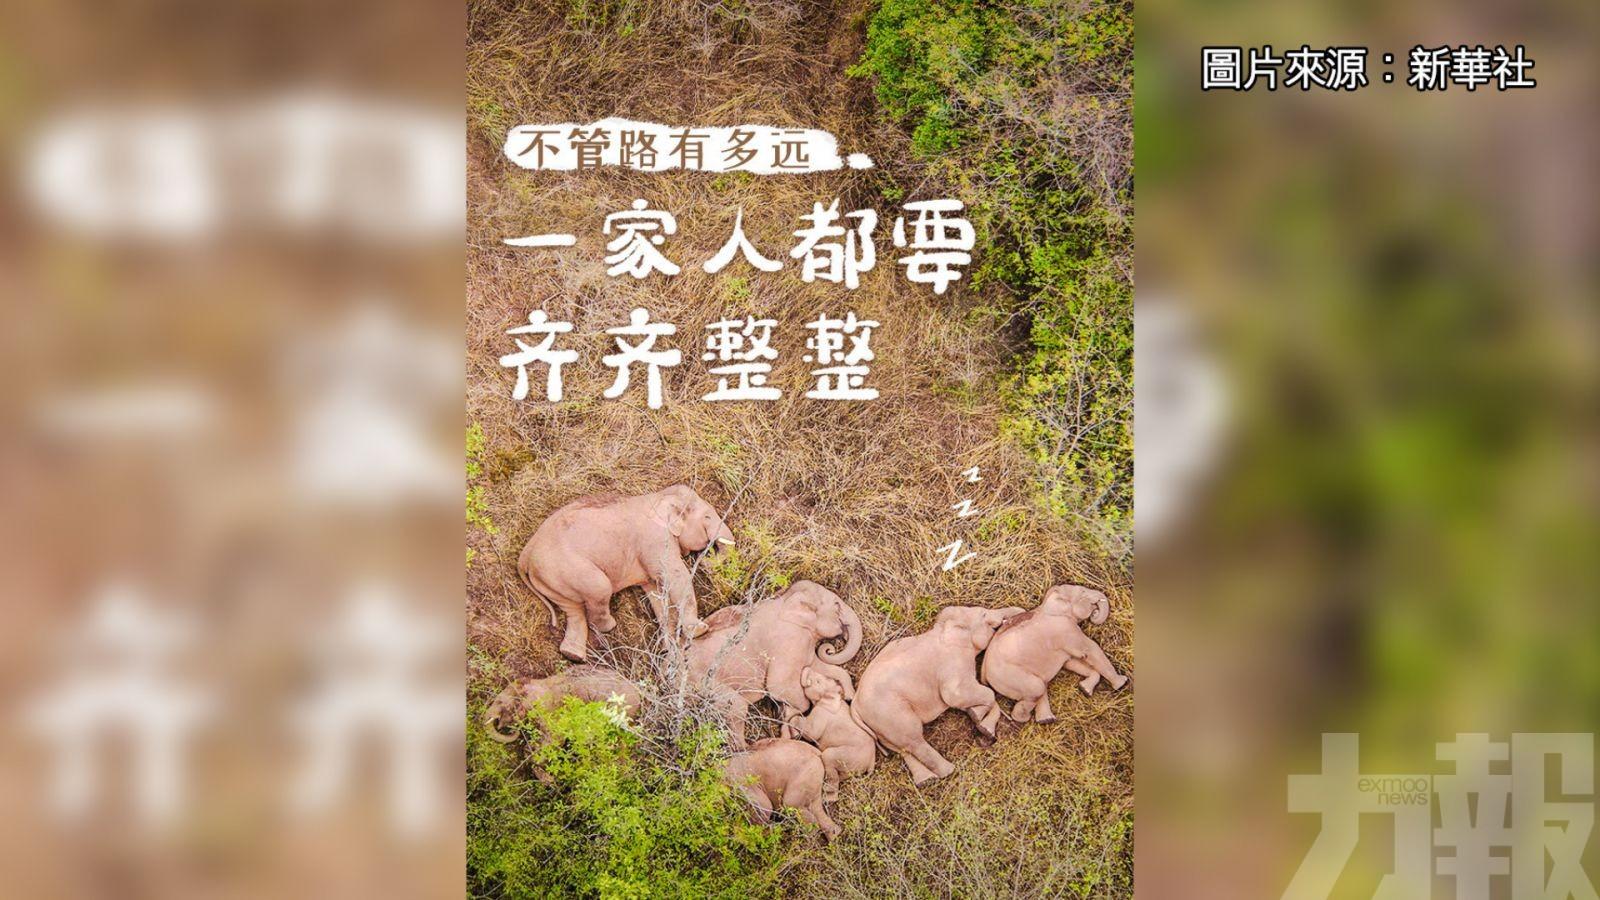 小象睡醒後甩鼻掙扎 逃不出「愛的重圍」